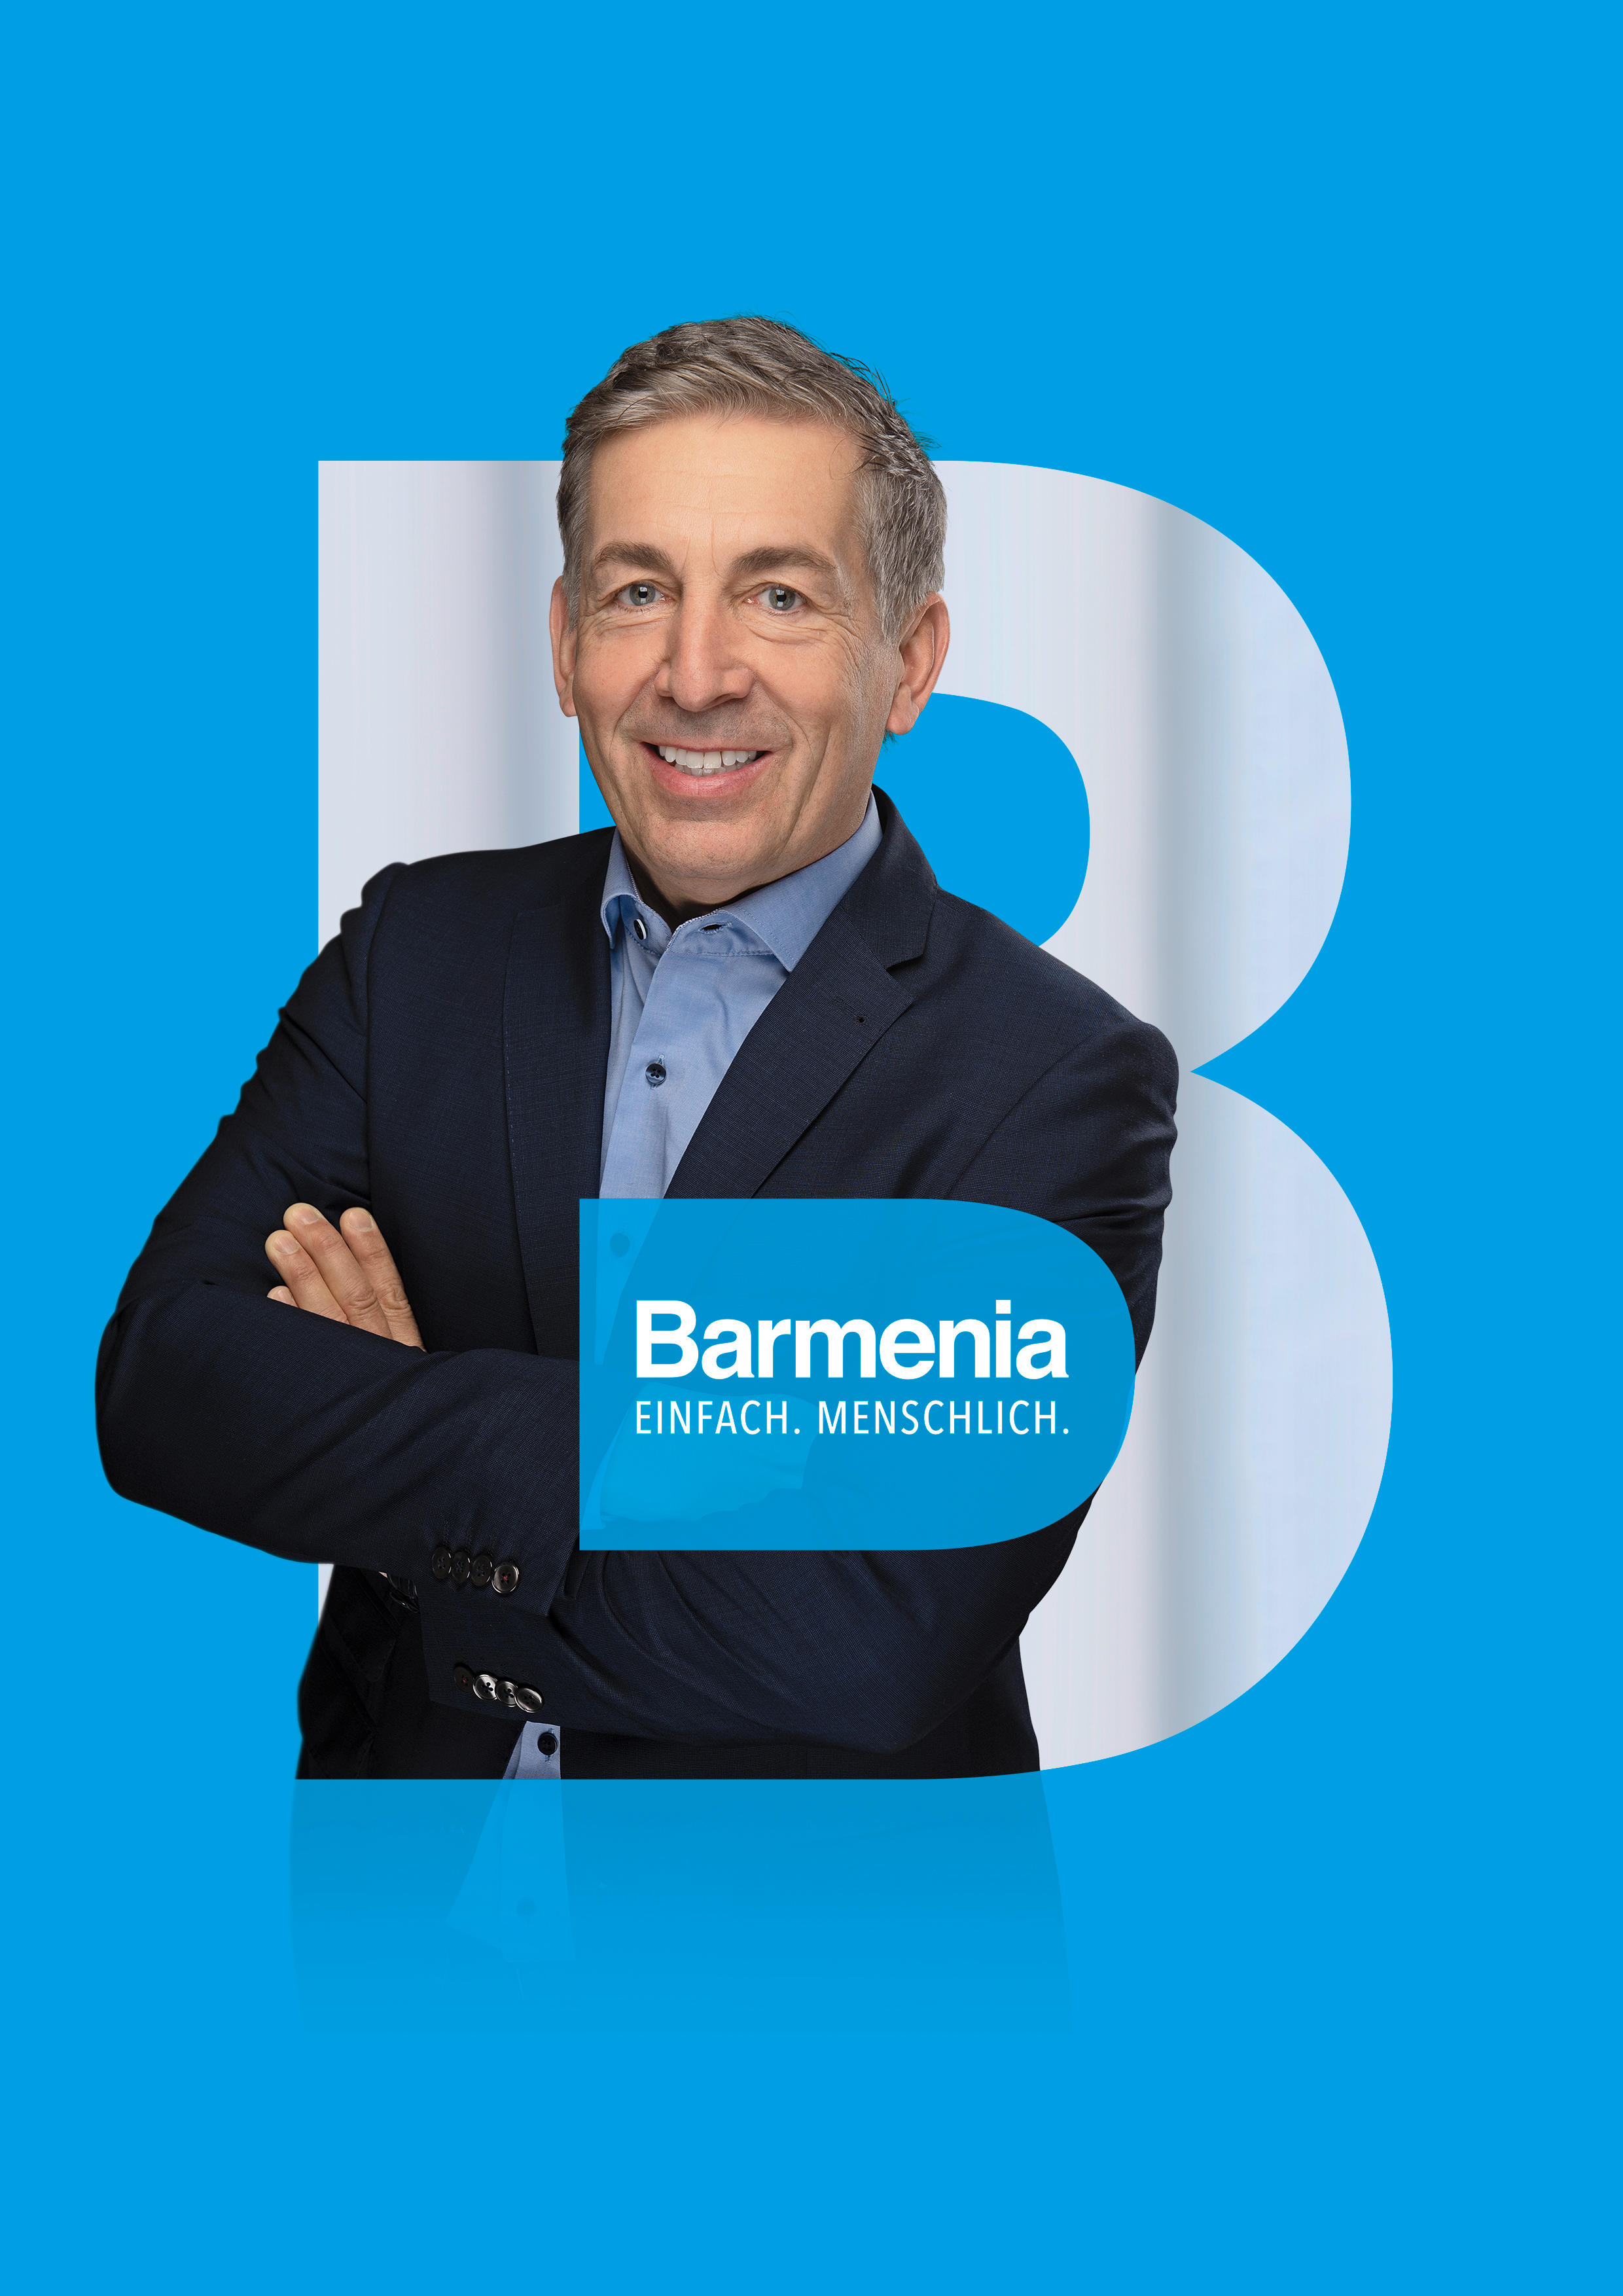 Barmenia Versicherung - Torsten Lisson, Vahrenwalder Str. 205 in Hannover